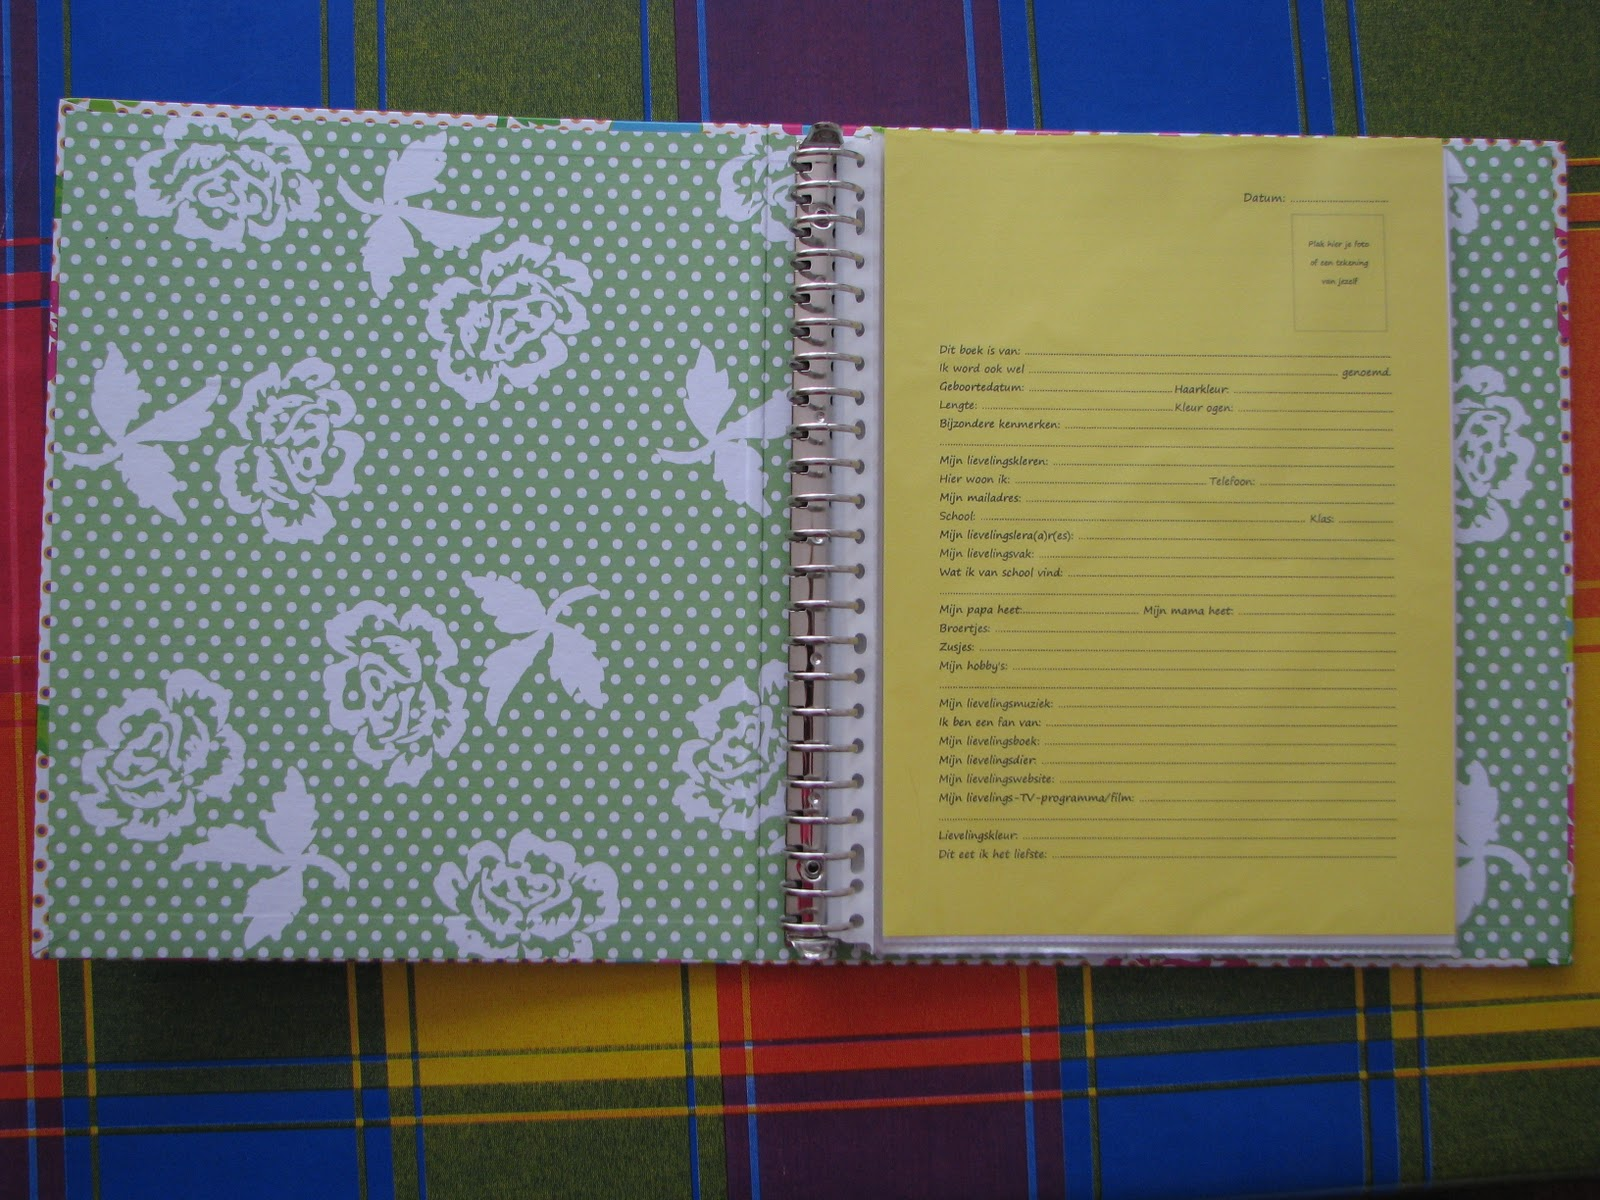 Met liefs en lapjes vriendenboekje gemaakt kinderlijk for Gekleurd papier action